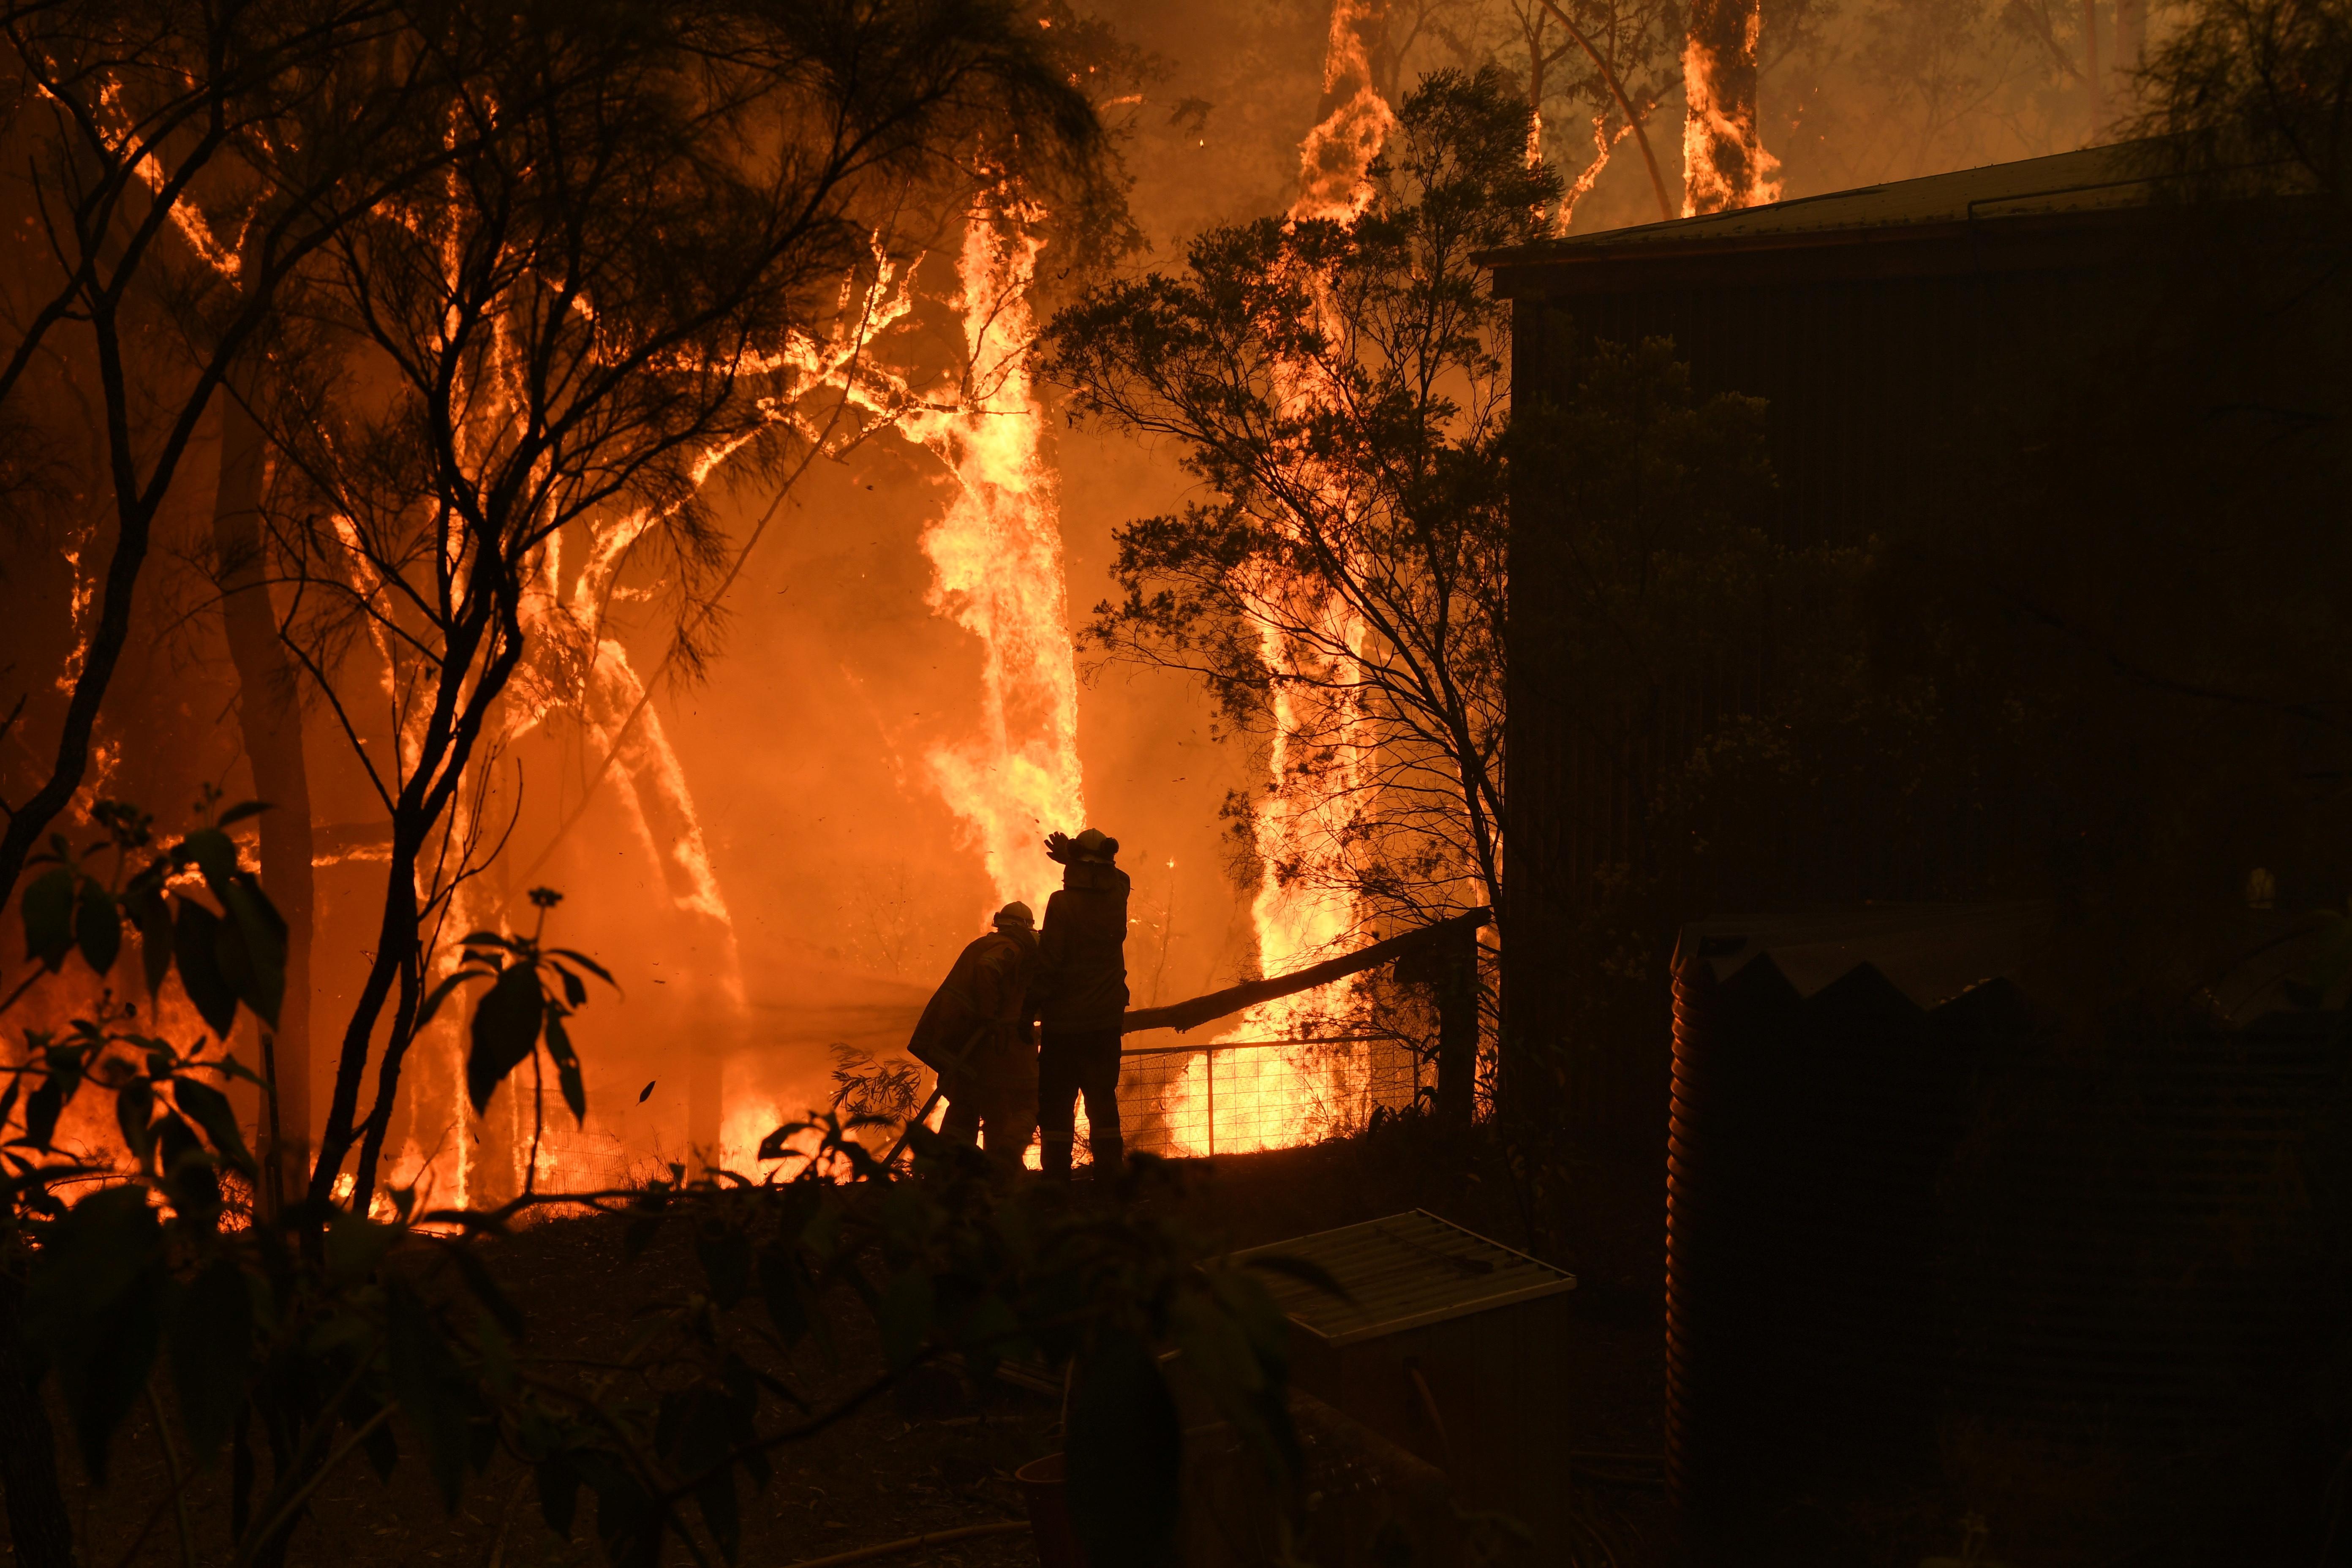 ▲▼澳洲新南威爾士州(New South Wales)大火,雪梨3起大火燒成一場「特大火災」,面積超過30萬公頃。(圖/路透)